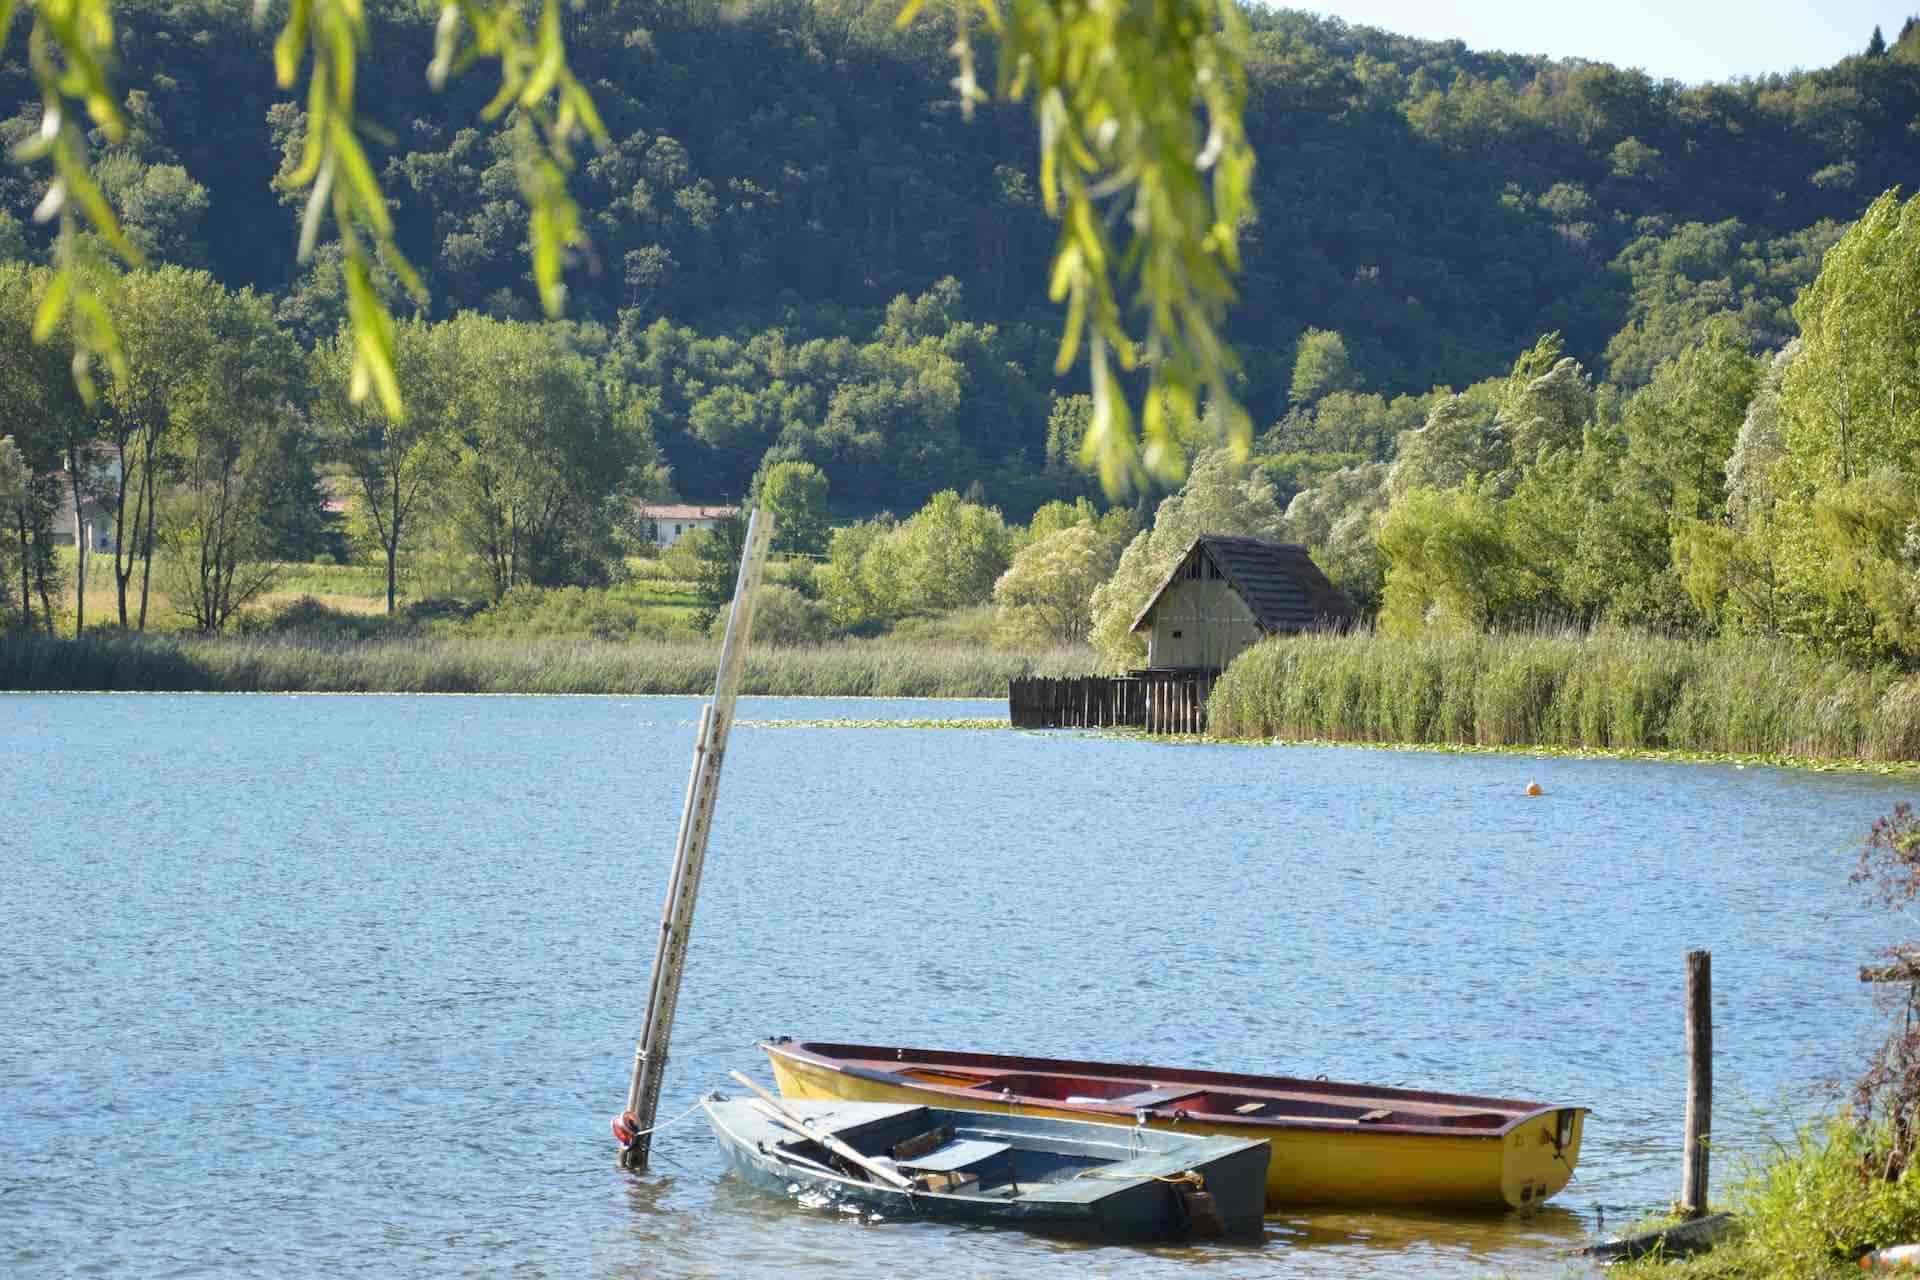 visita i Laghi di Lago e Santa Maria, laghi perfetti per un'escursione nella natura in Veneto